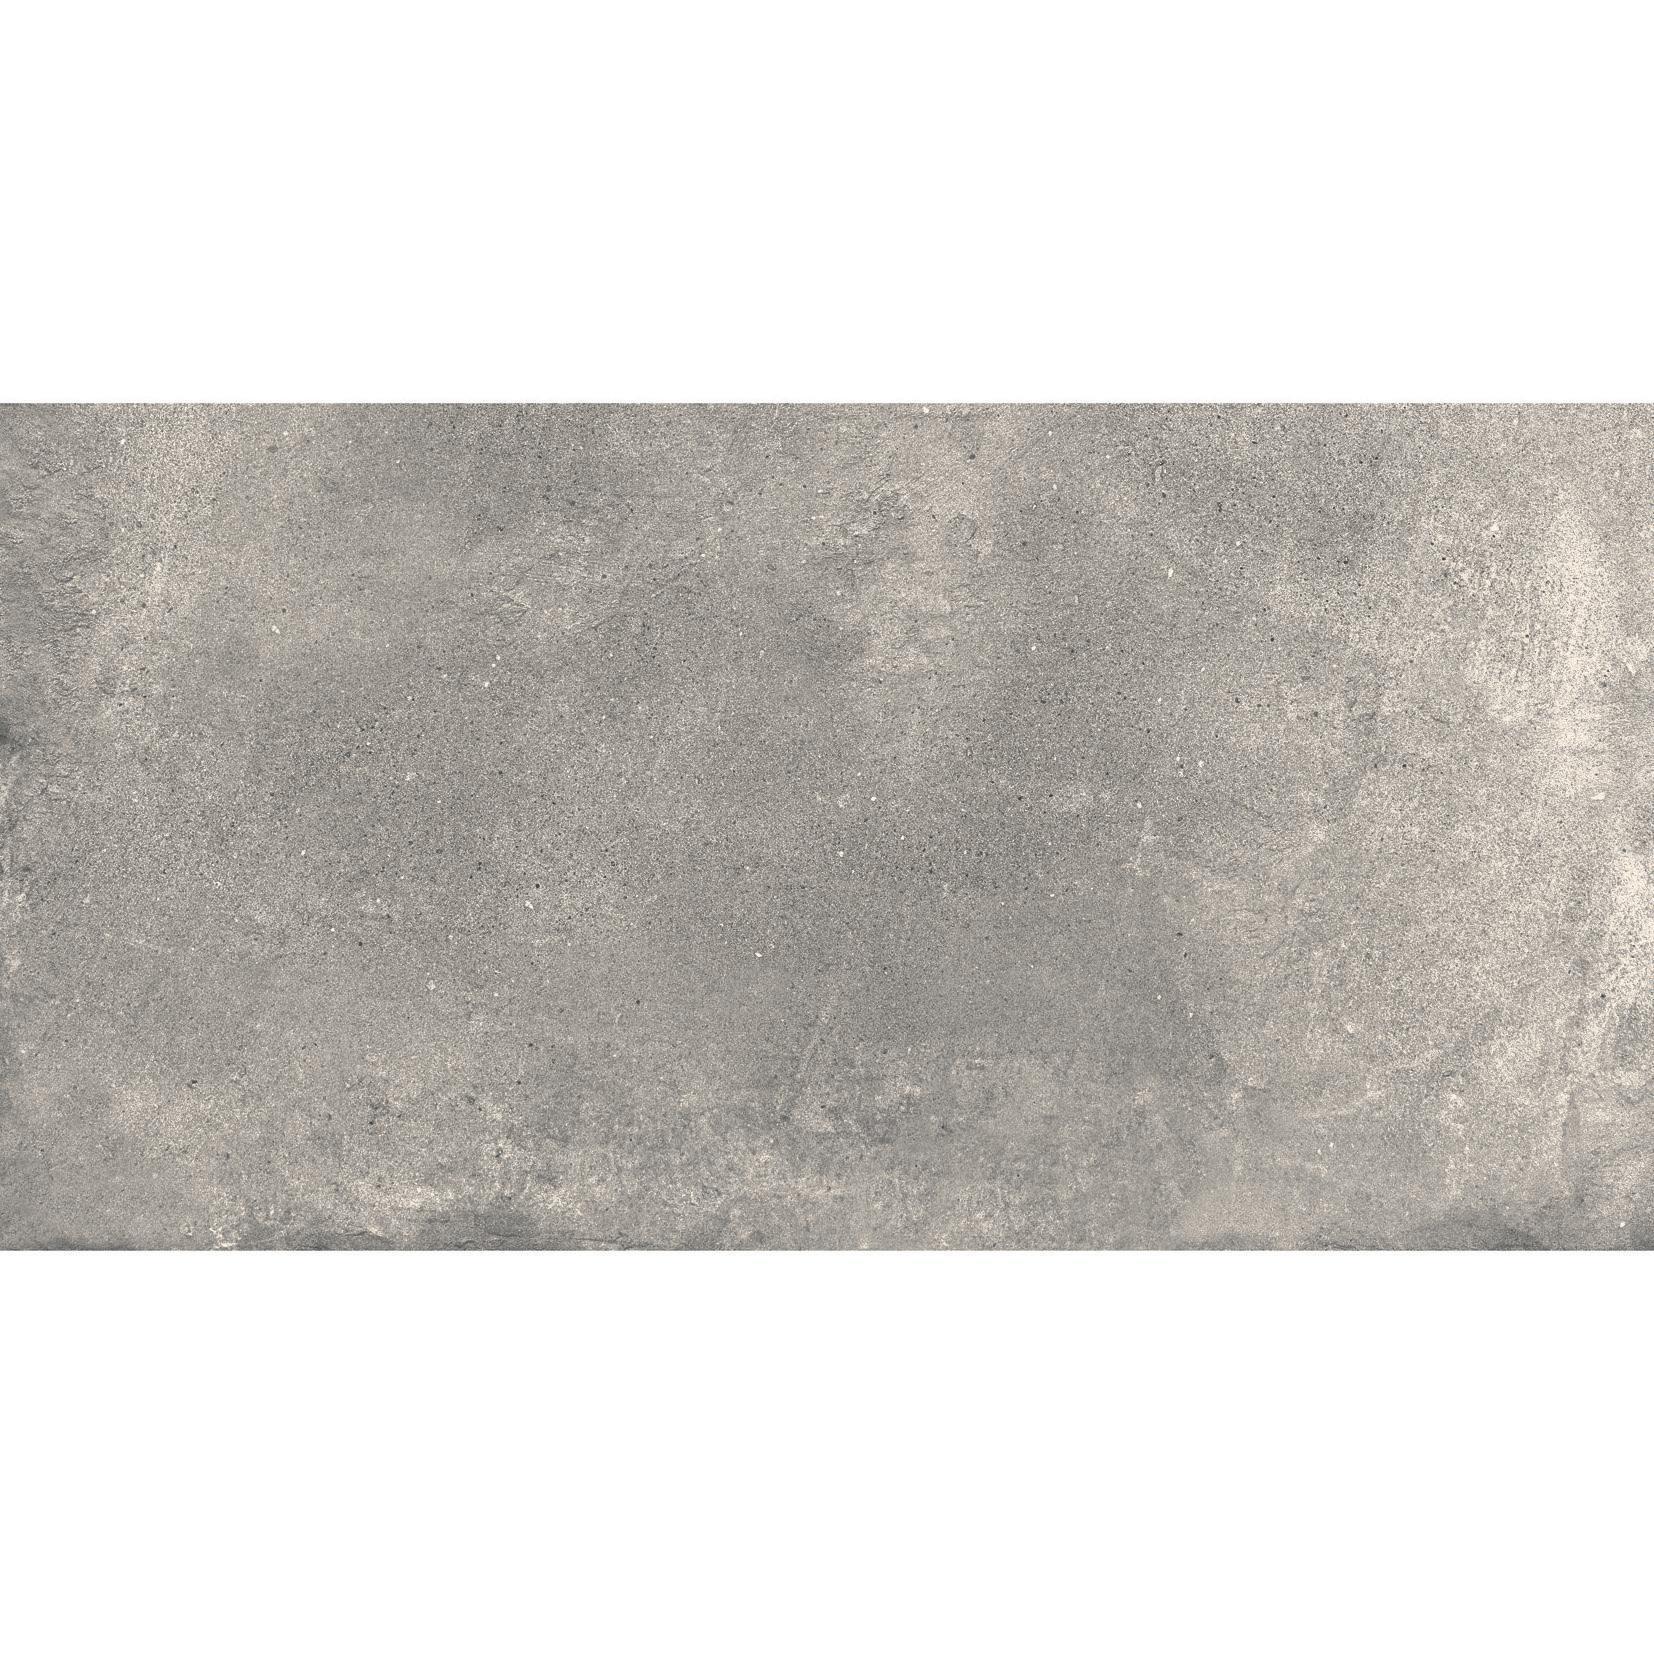 Piastrella New York 30 x 60 cm sp. 7.5 mm PEI 4/5 grigio - 3